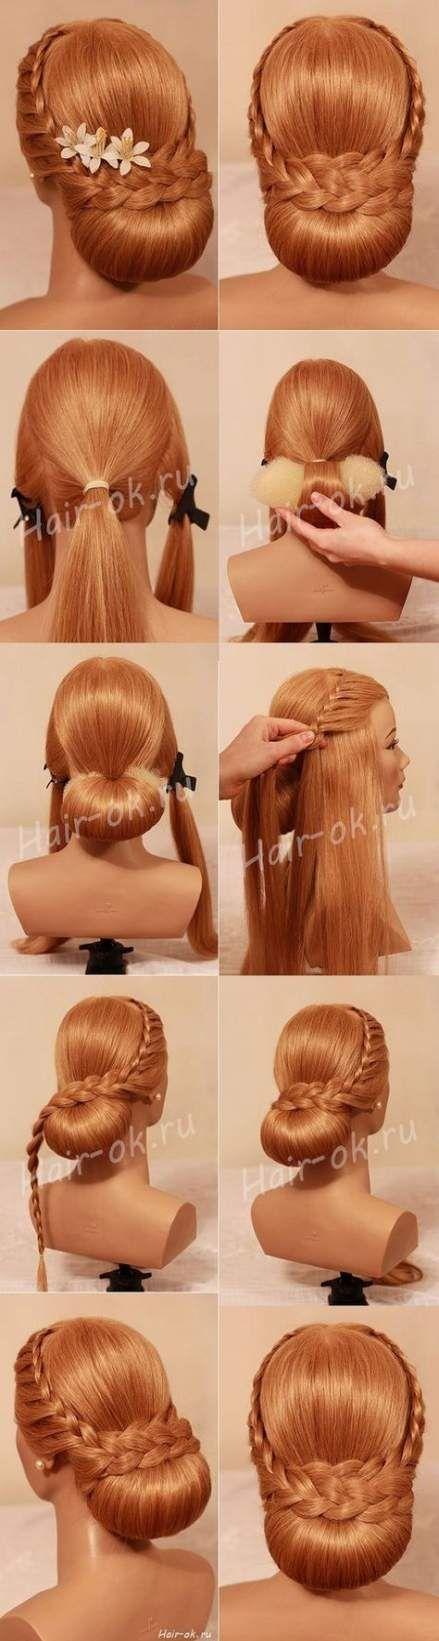 #DIY #Easy #Easy Hairstyles formal #formal #Hair #Hairstyles